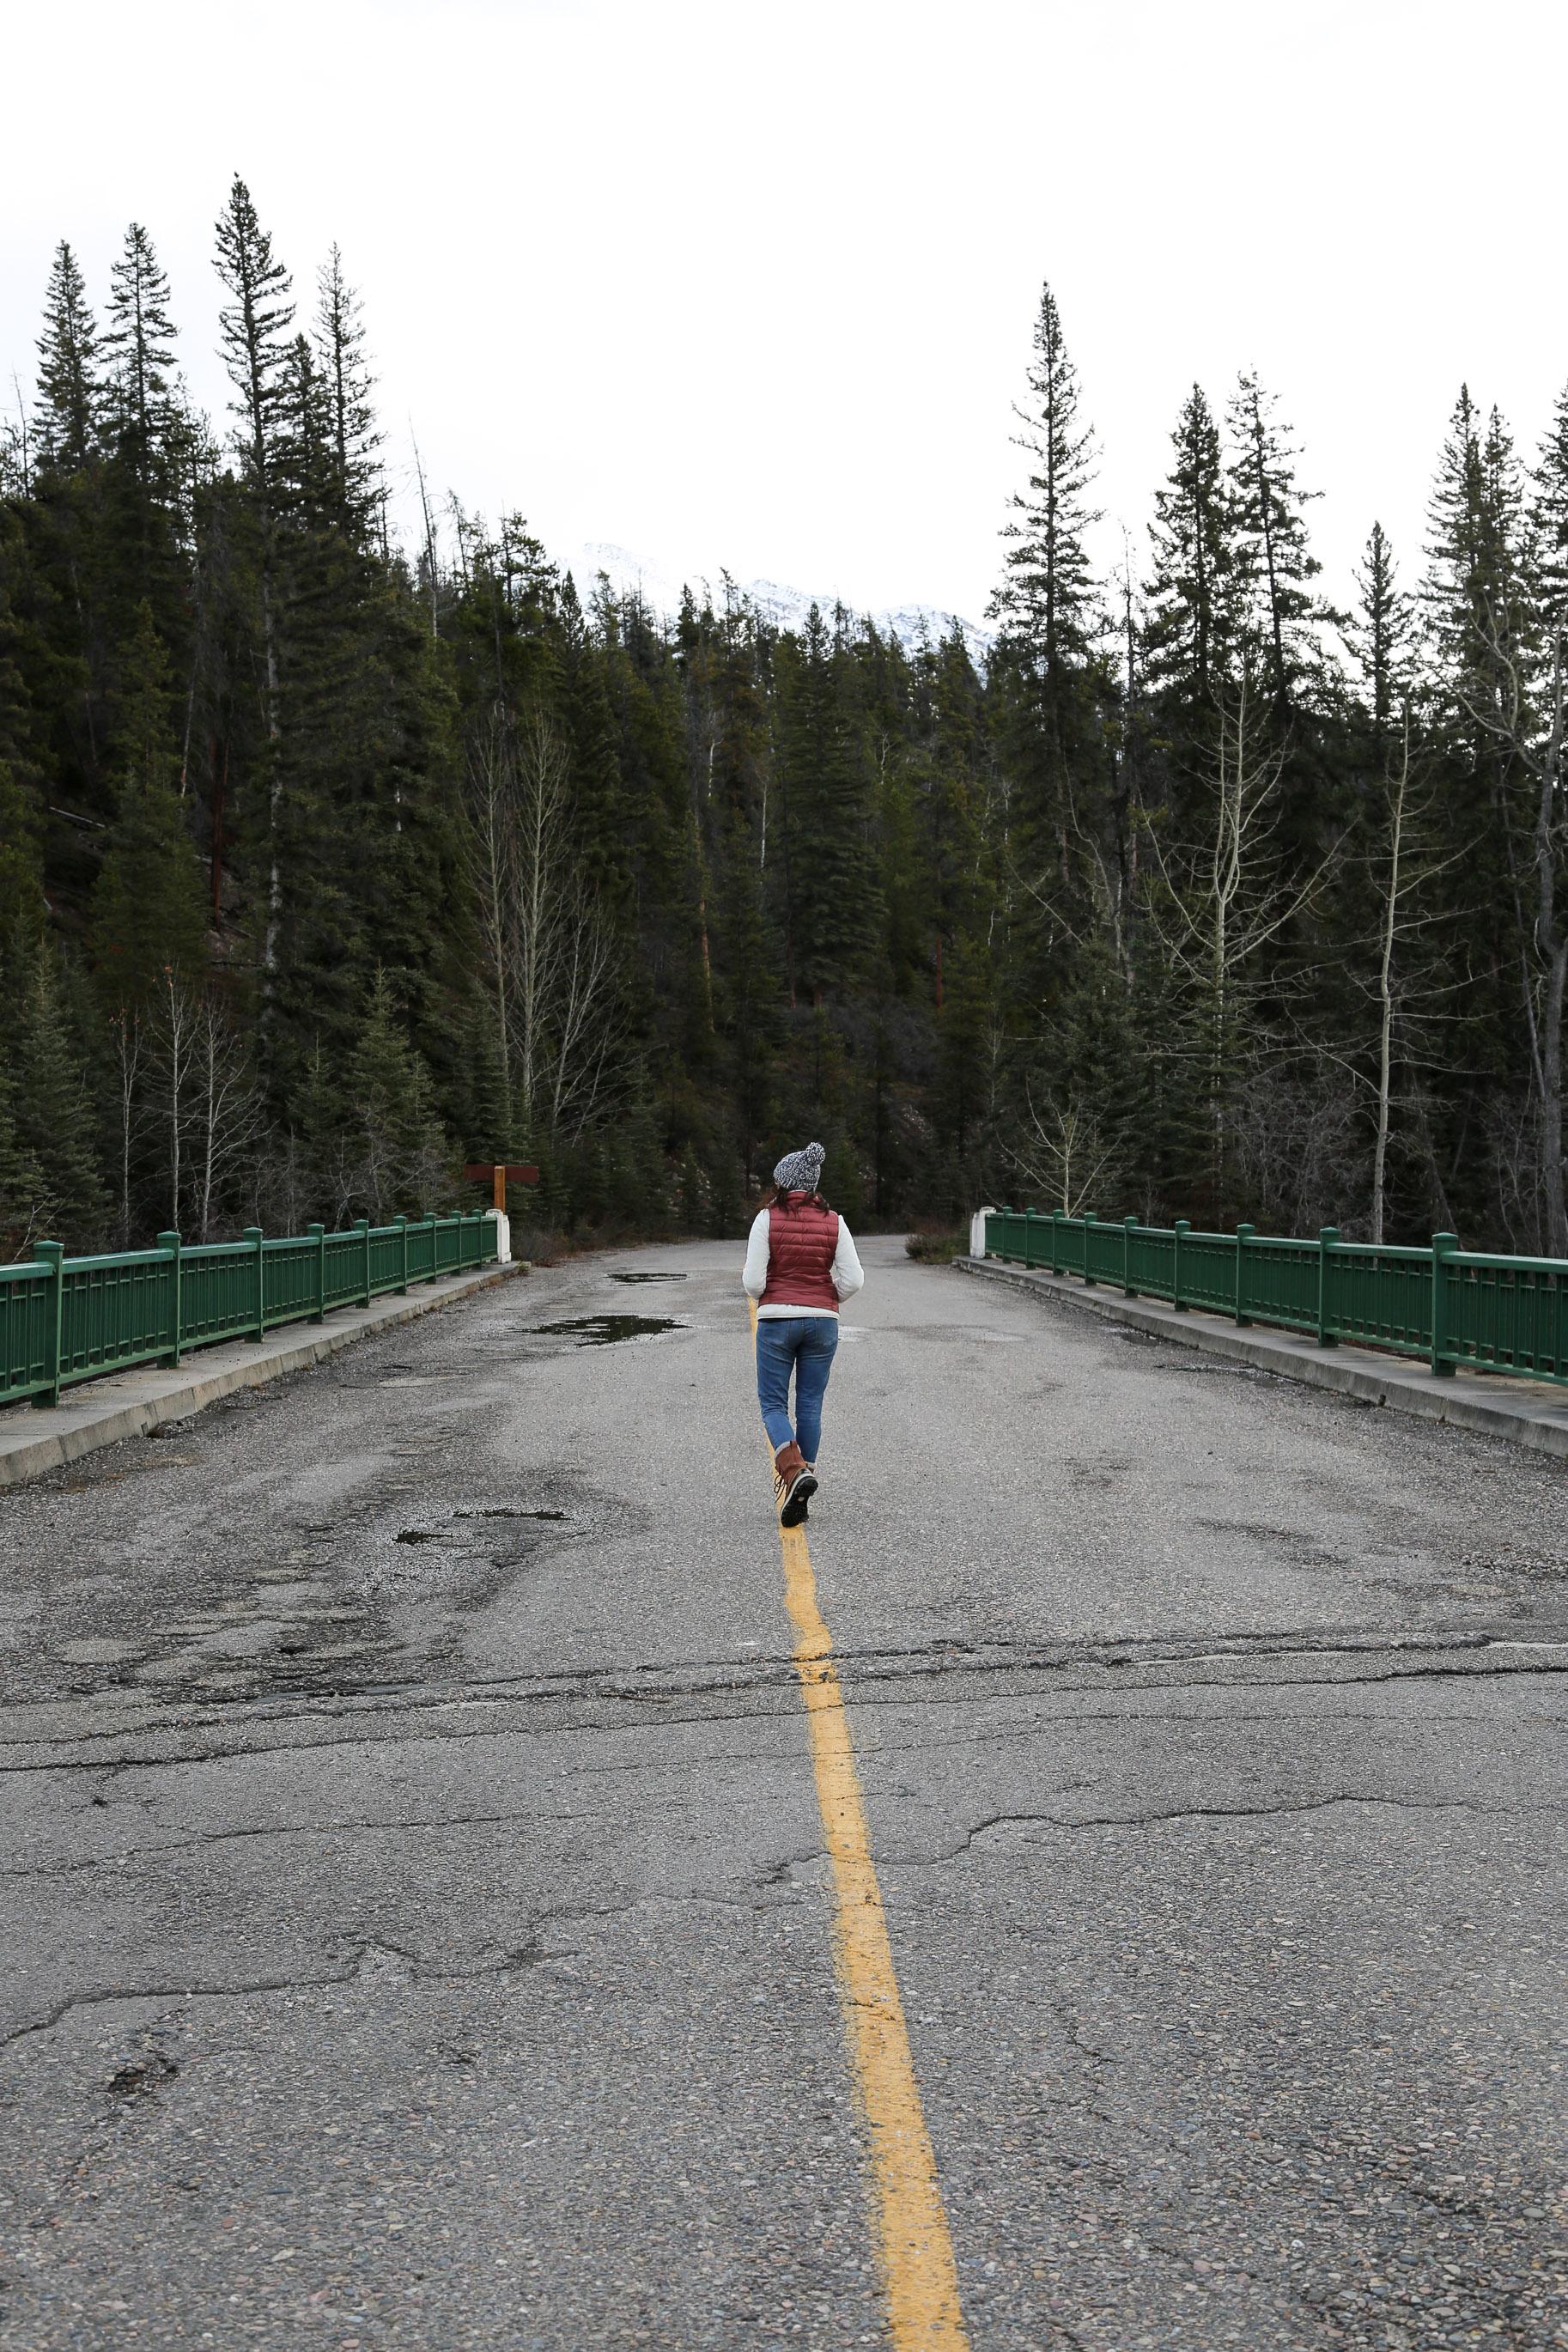 icefield-parkway-drive-alberta-2.jpg